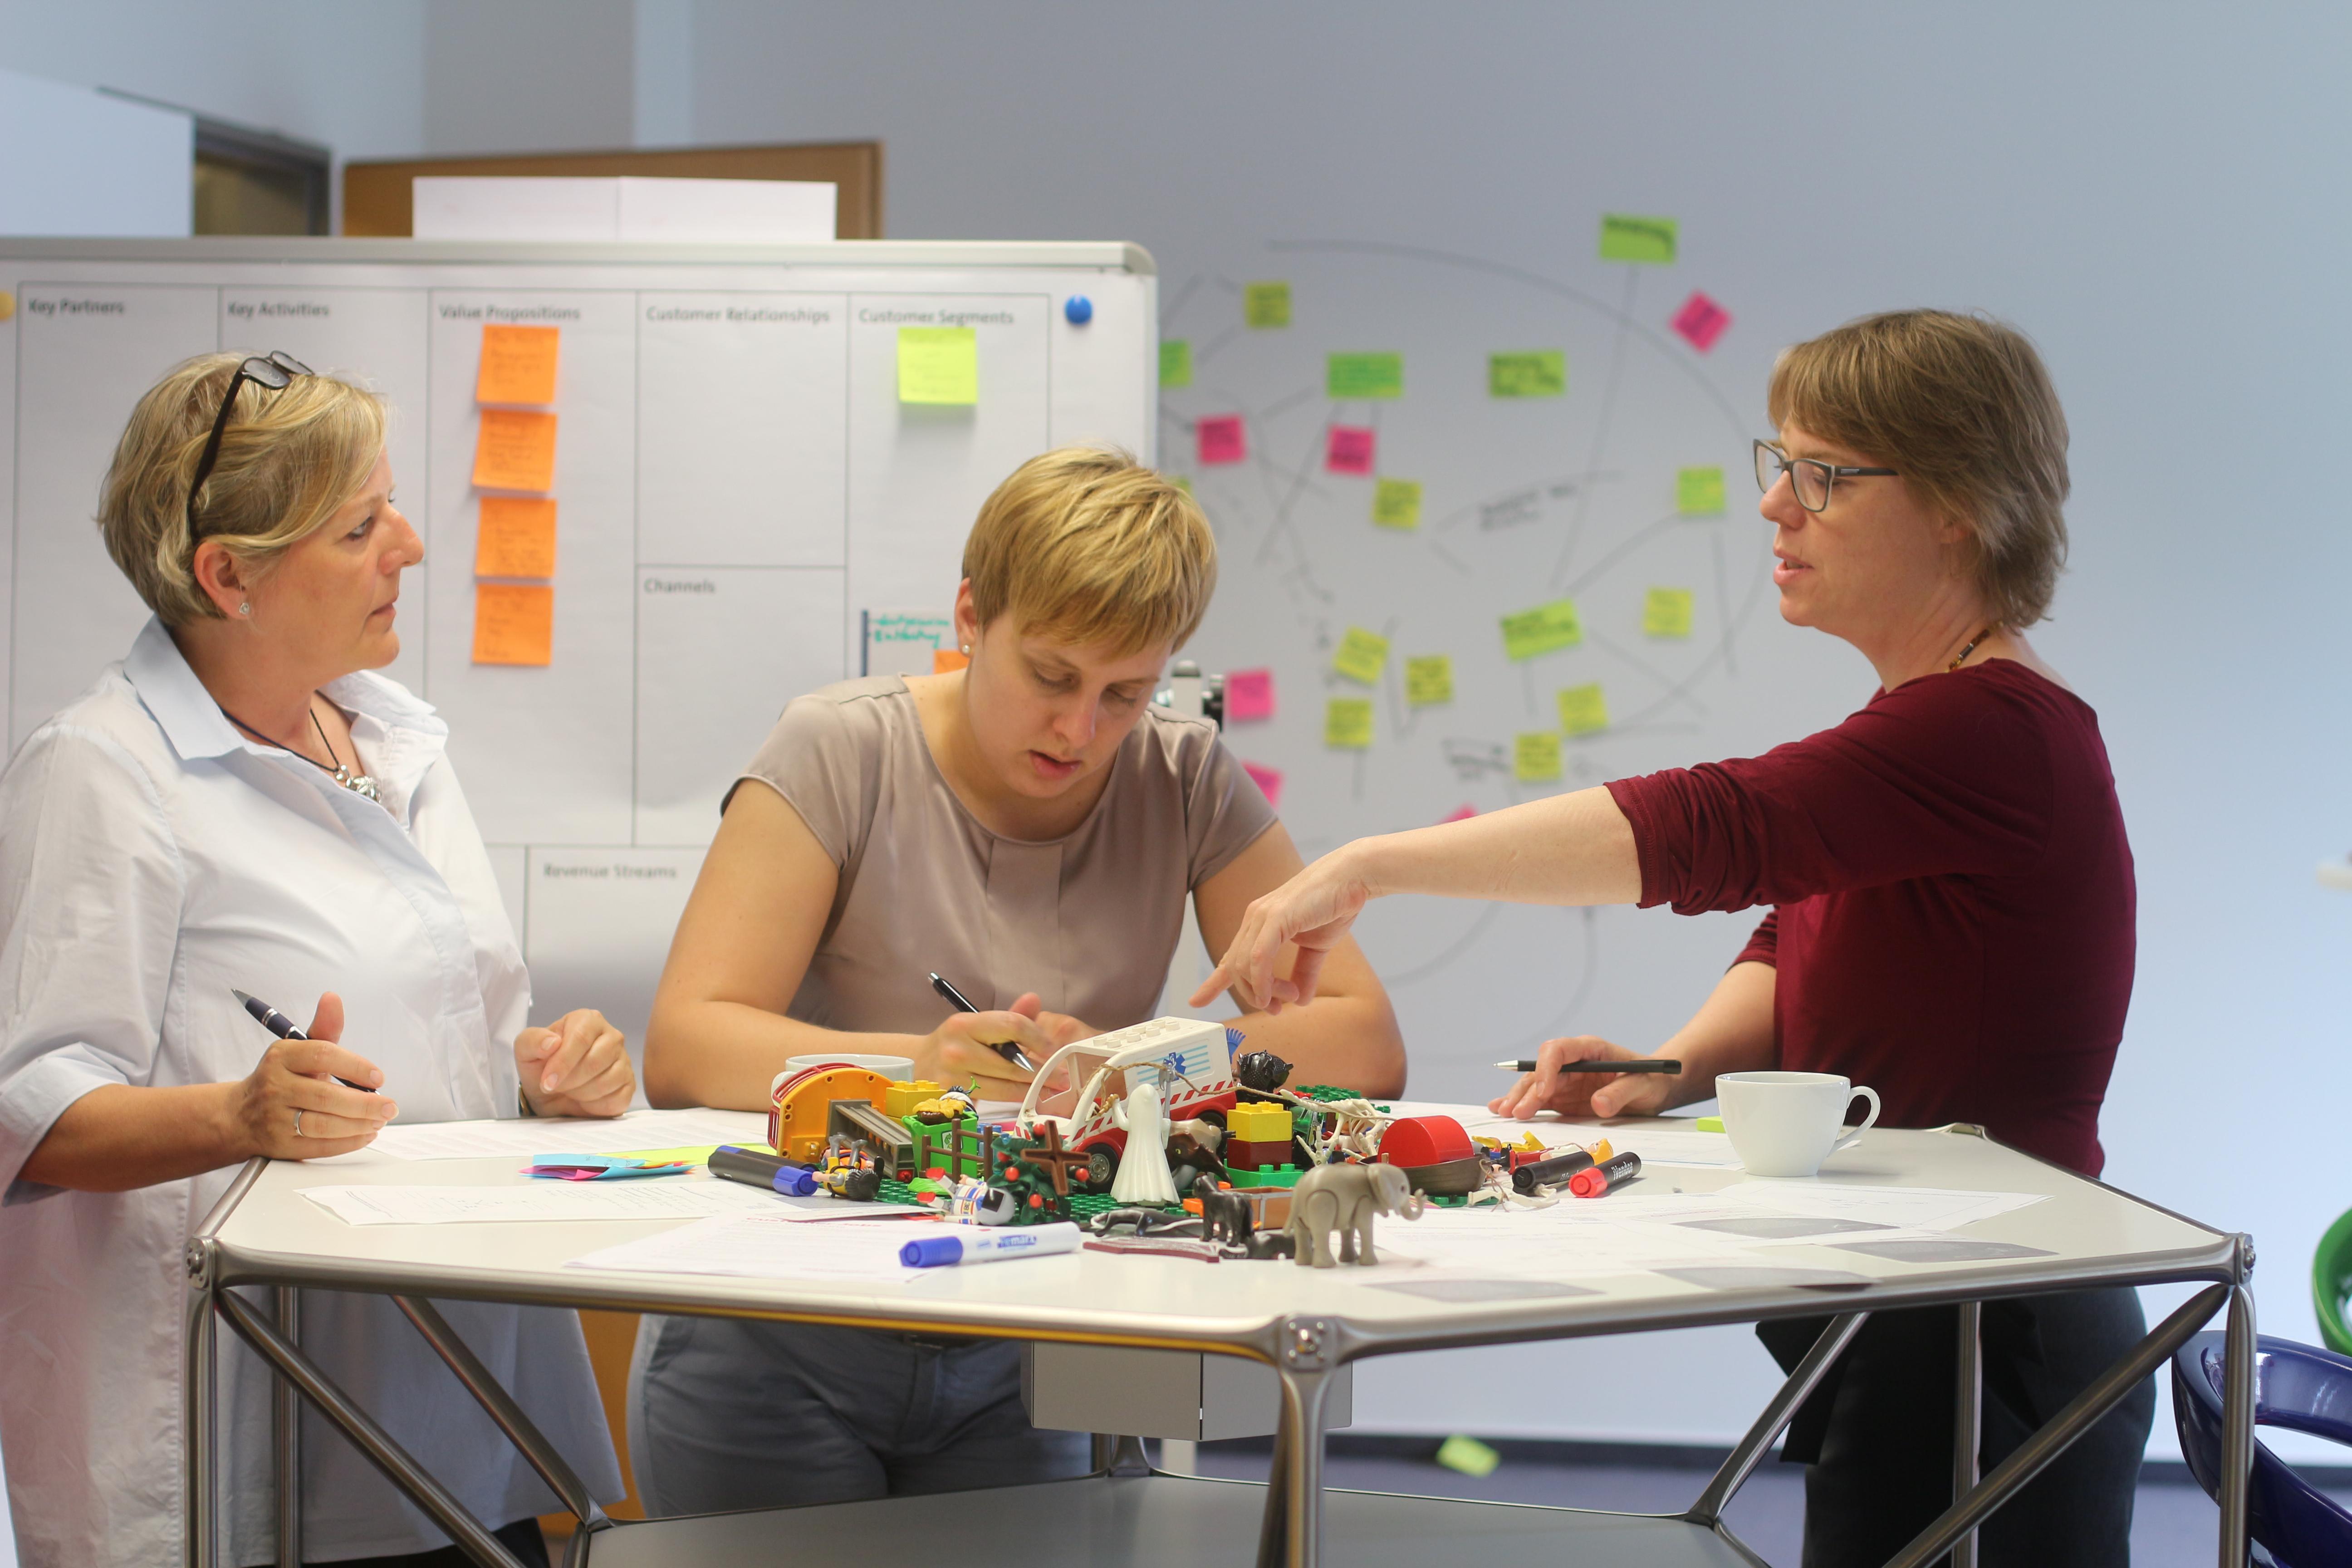 Mit innovation zum neuen gesch ftsmodell nit northern for Weiterbildung design